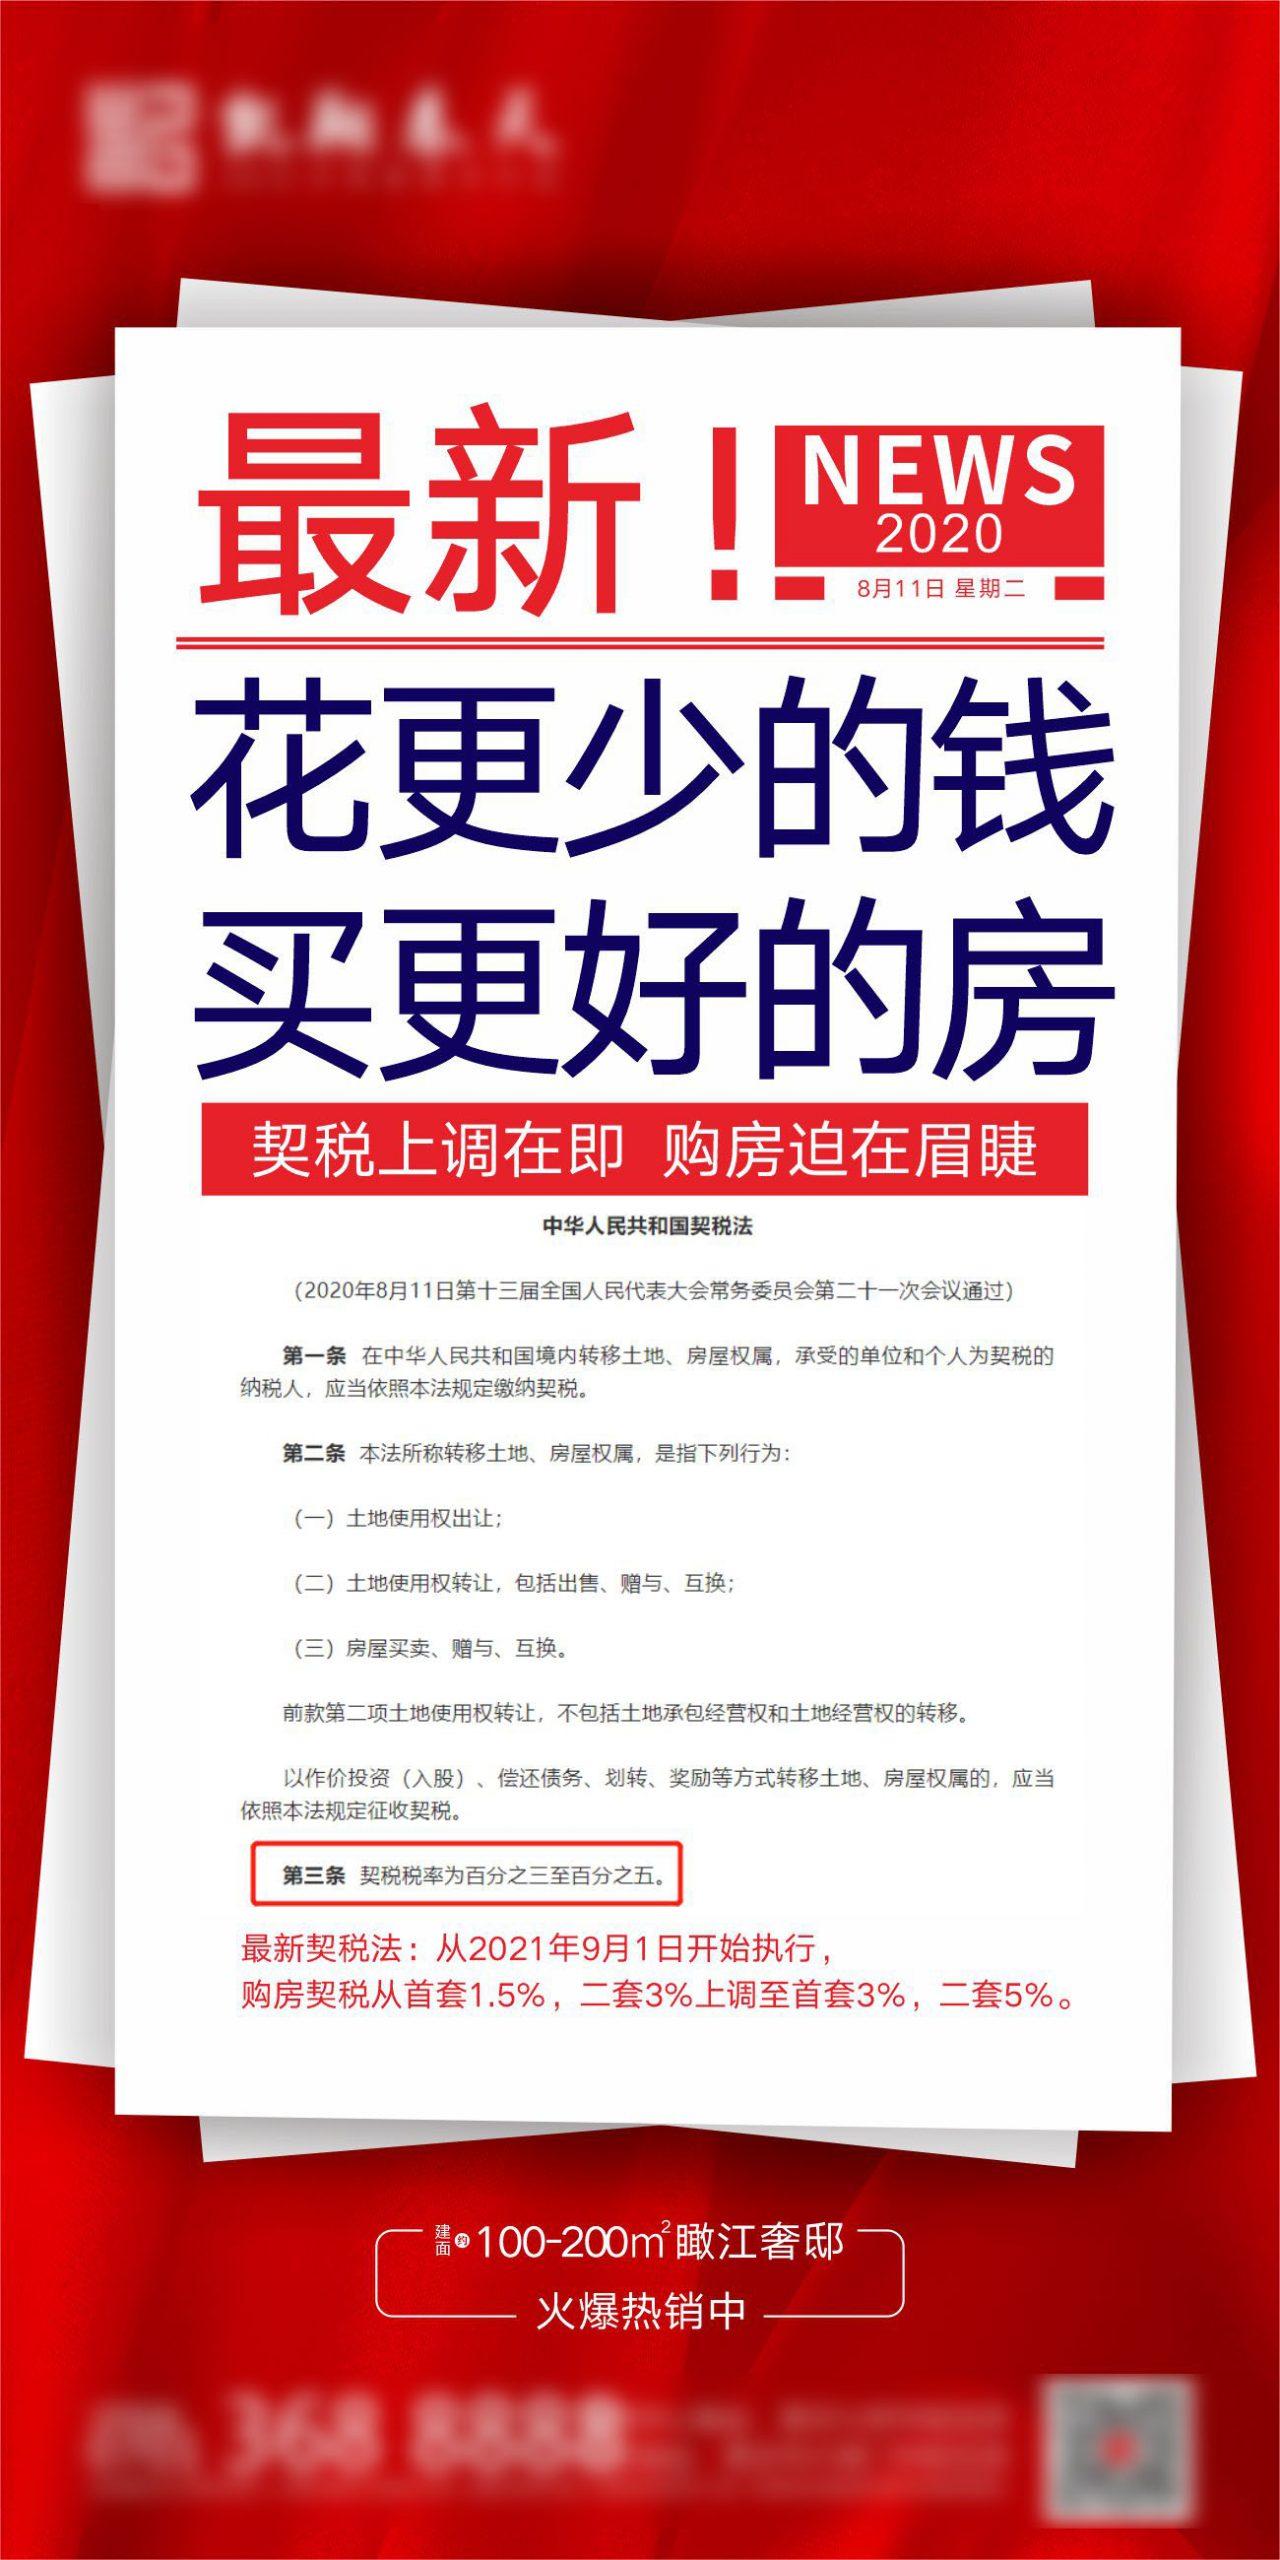 房地产契税上调微信转发海报CDR源文件插图